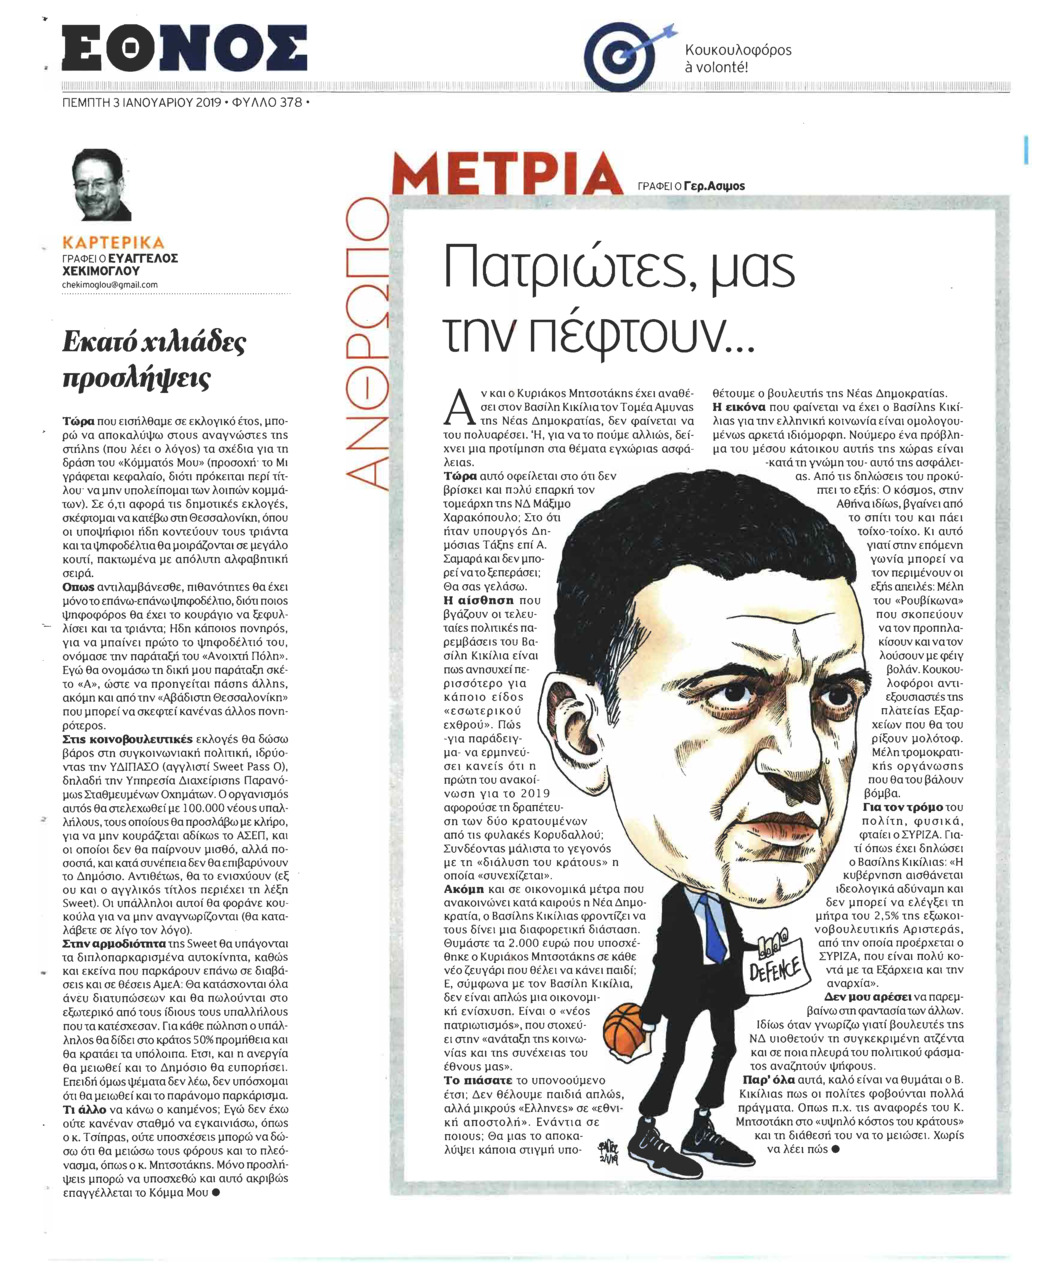 Οπισθόφυλλο εφημερίδας Έθνος